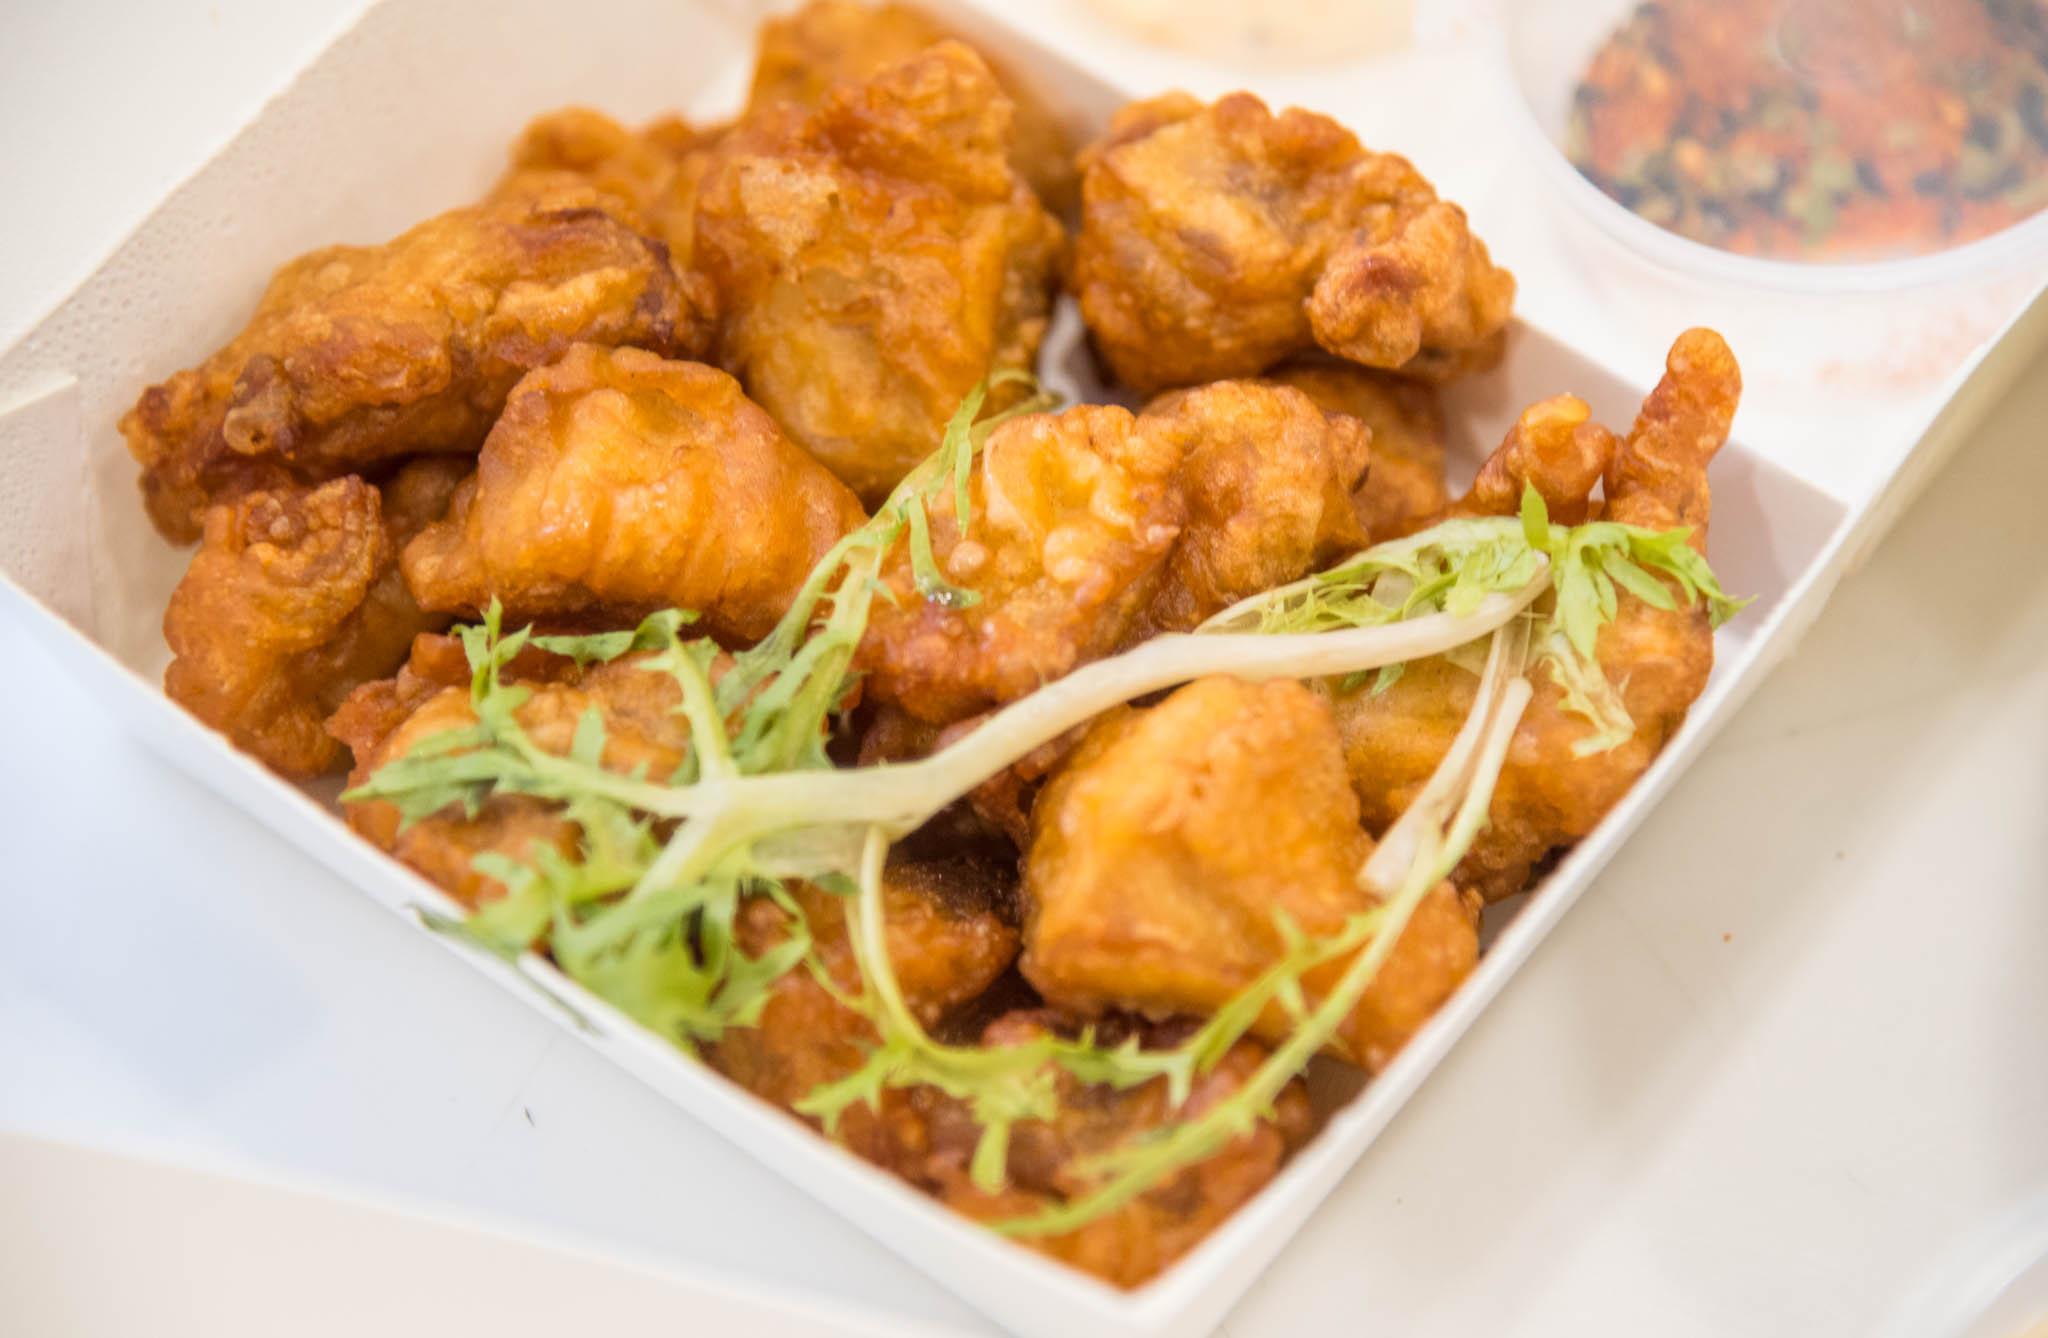 內湖日式料理 幸和殿餐飲外帶 小倆口的小卻幸午餐